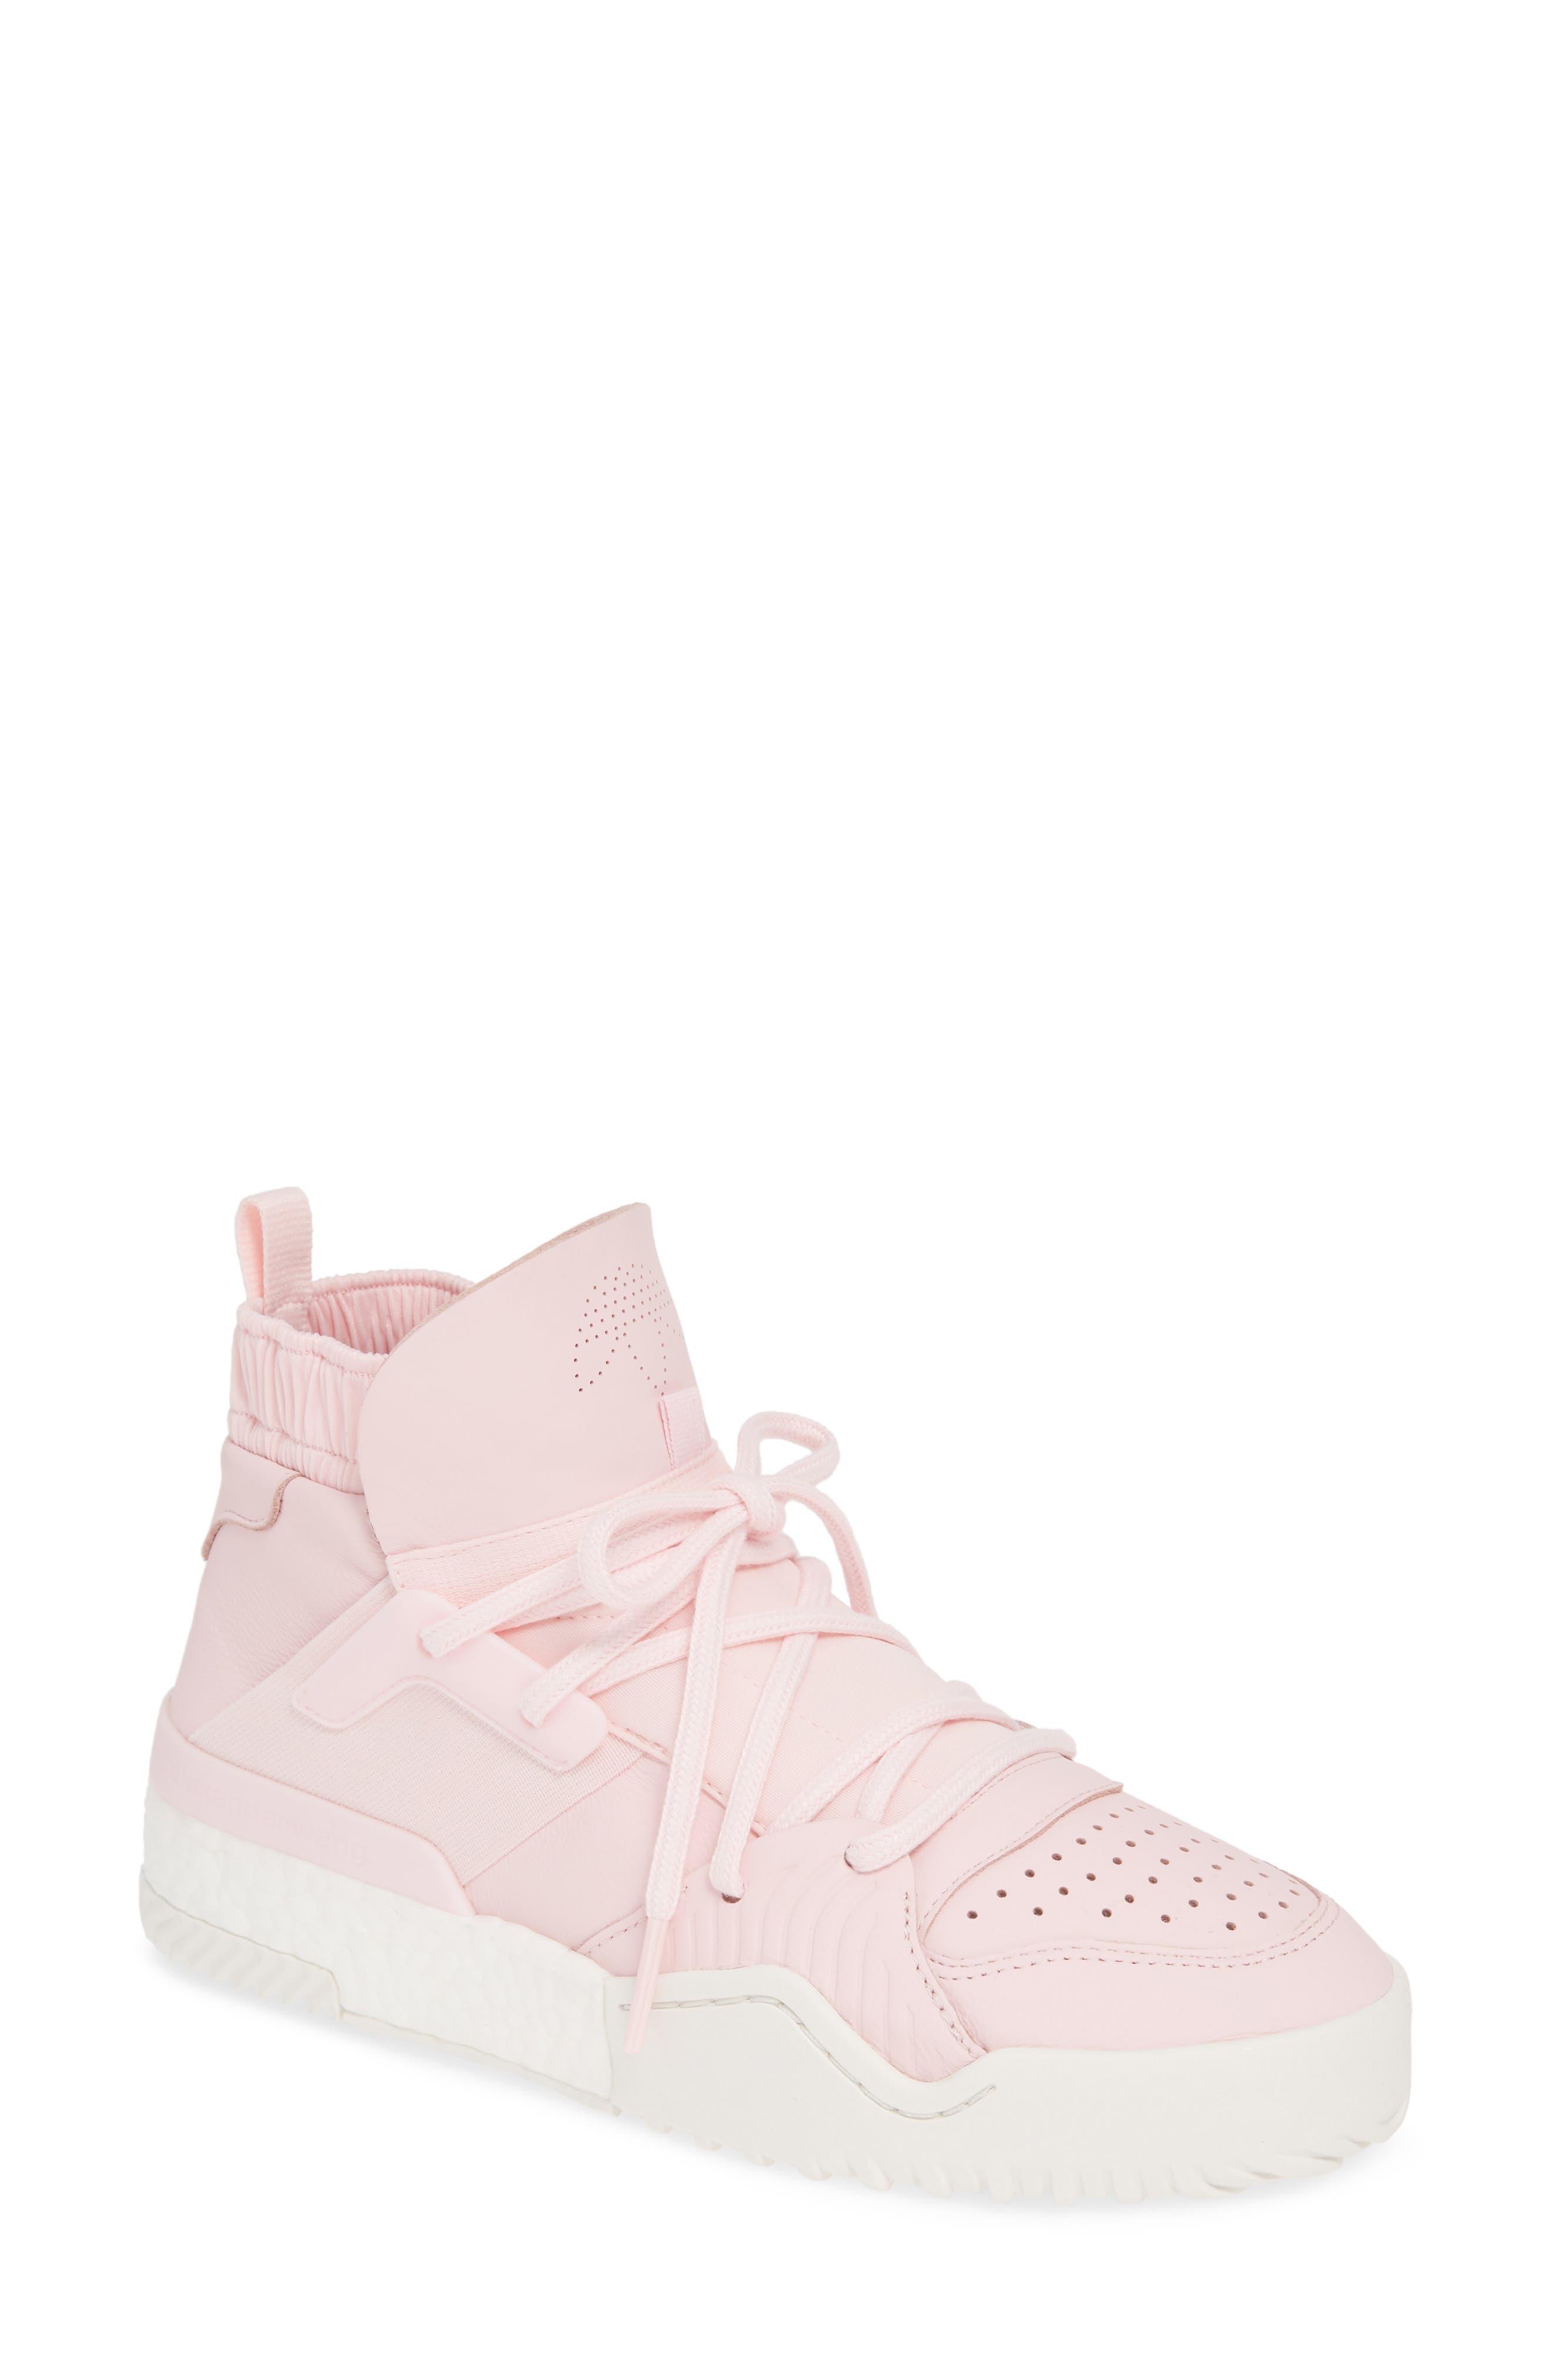 a6936a944 Women s Designer Shoes